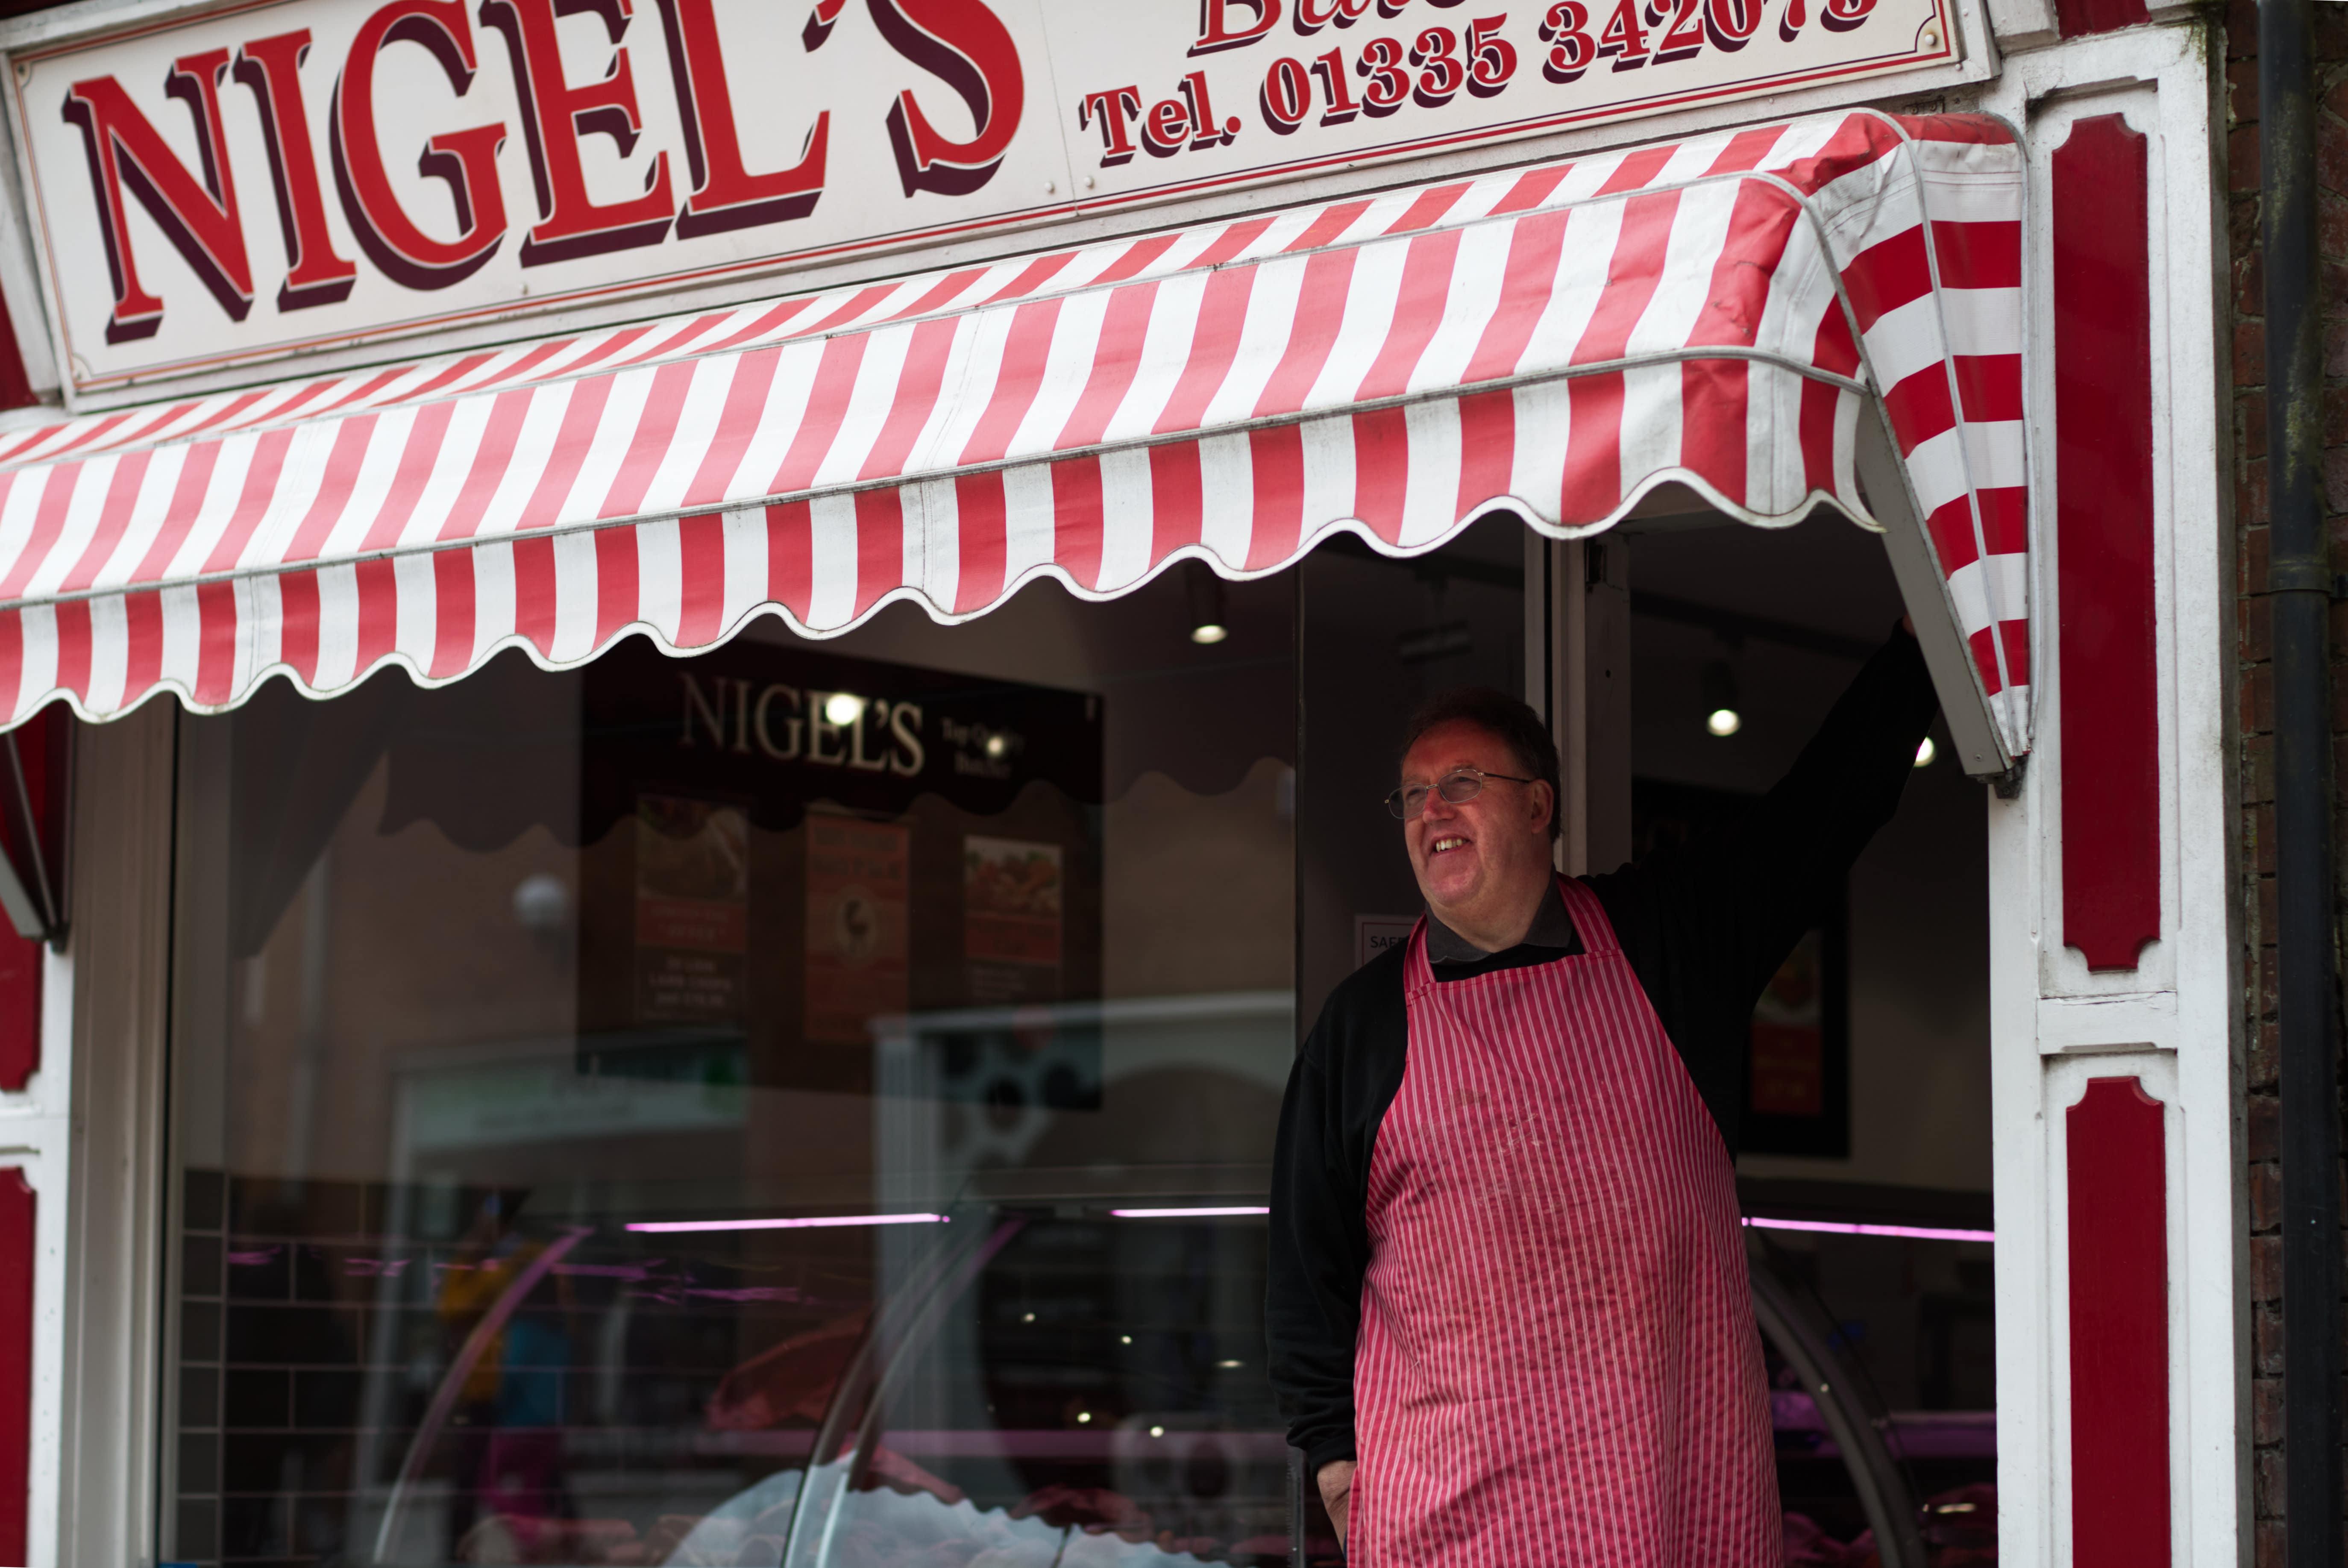 Nigels Butchers